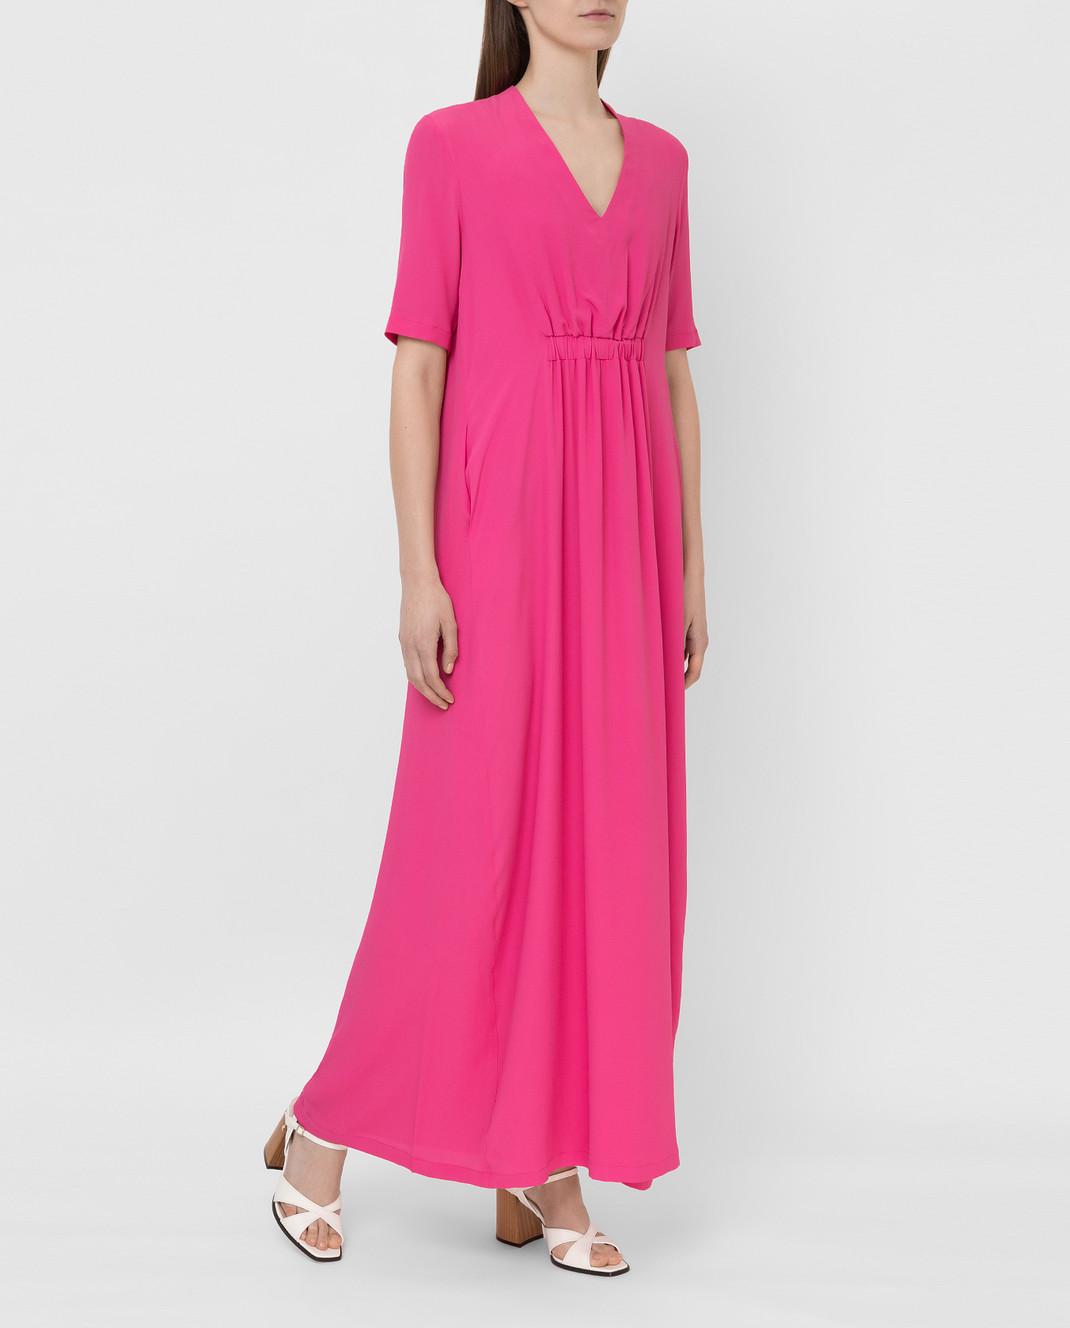 Fabiana Filippi Розовое платье ABD260B985 изображение 2